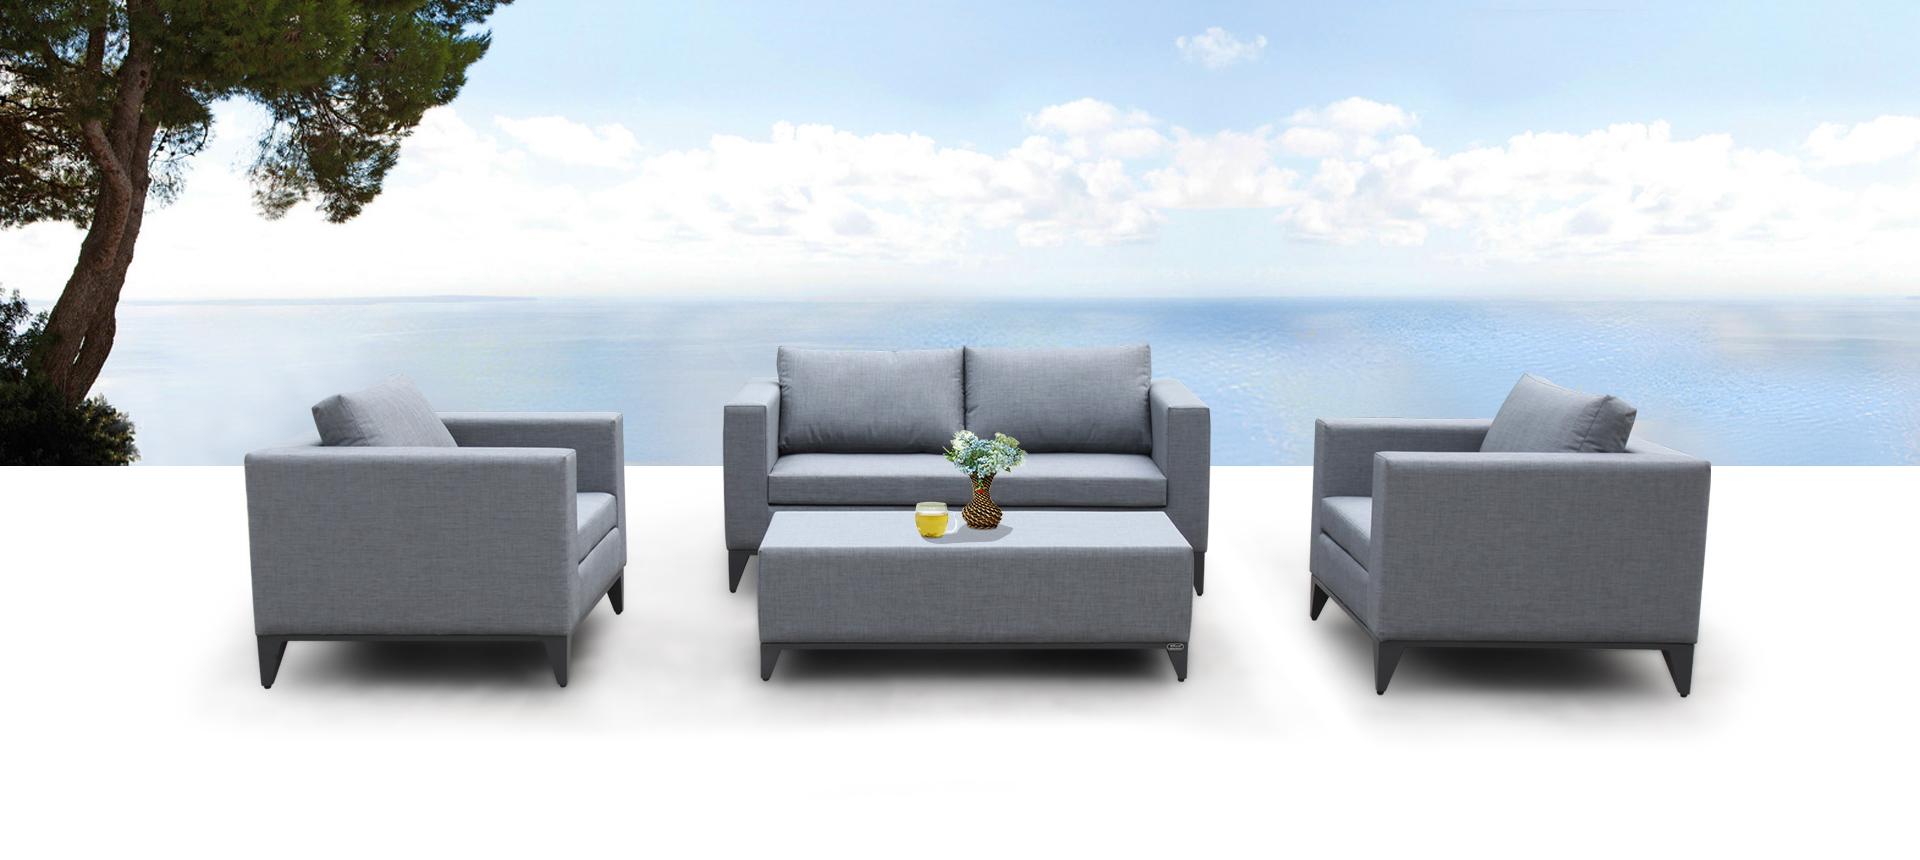 Nowoczesne meble ogrodowe 4-częściowe - zestawy ogrodowe ogrodowe Meble tapicerowane Sofa i stolik kawowy Meble ogrodowe